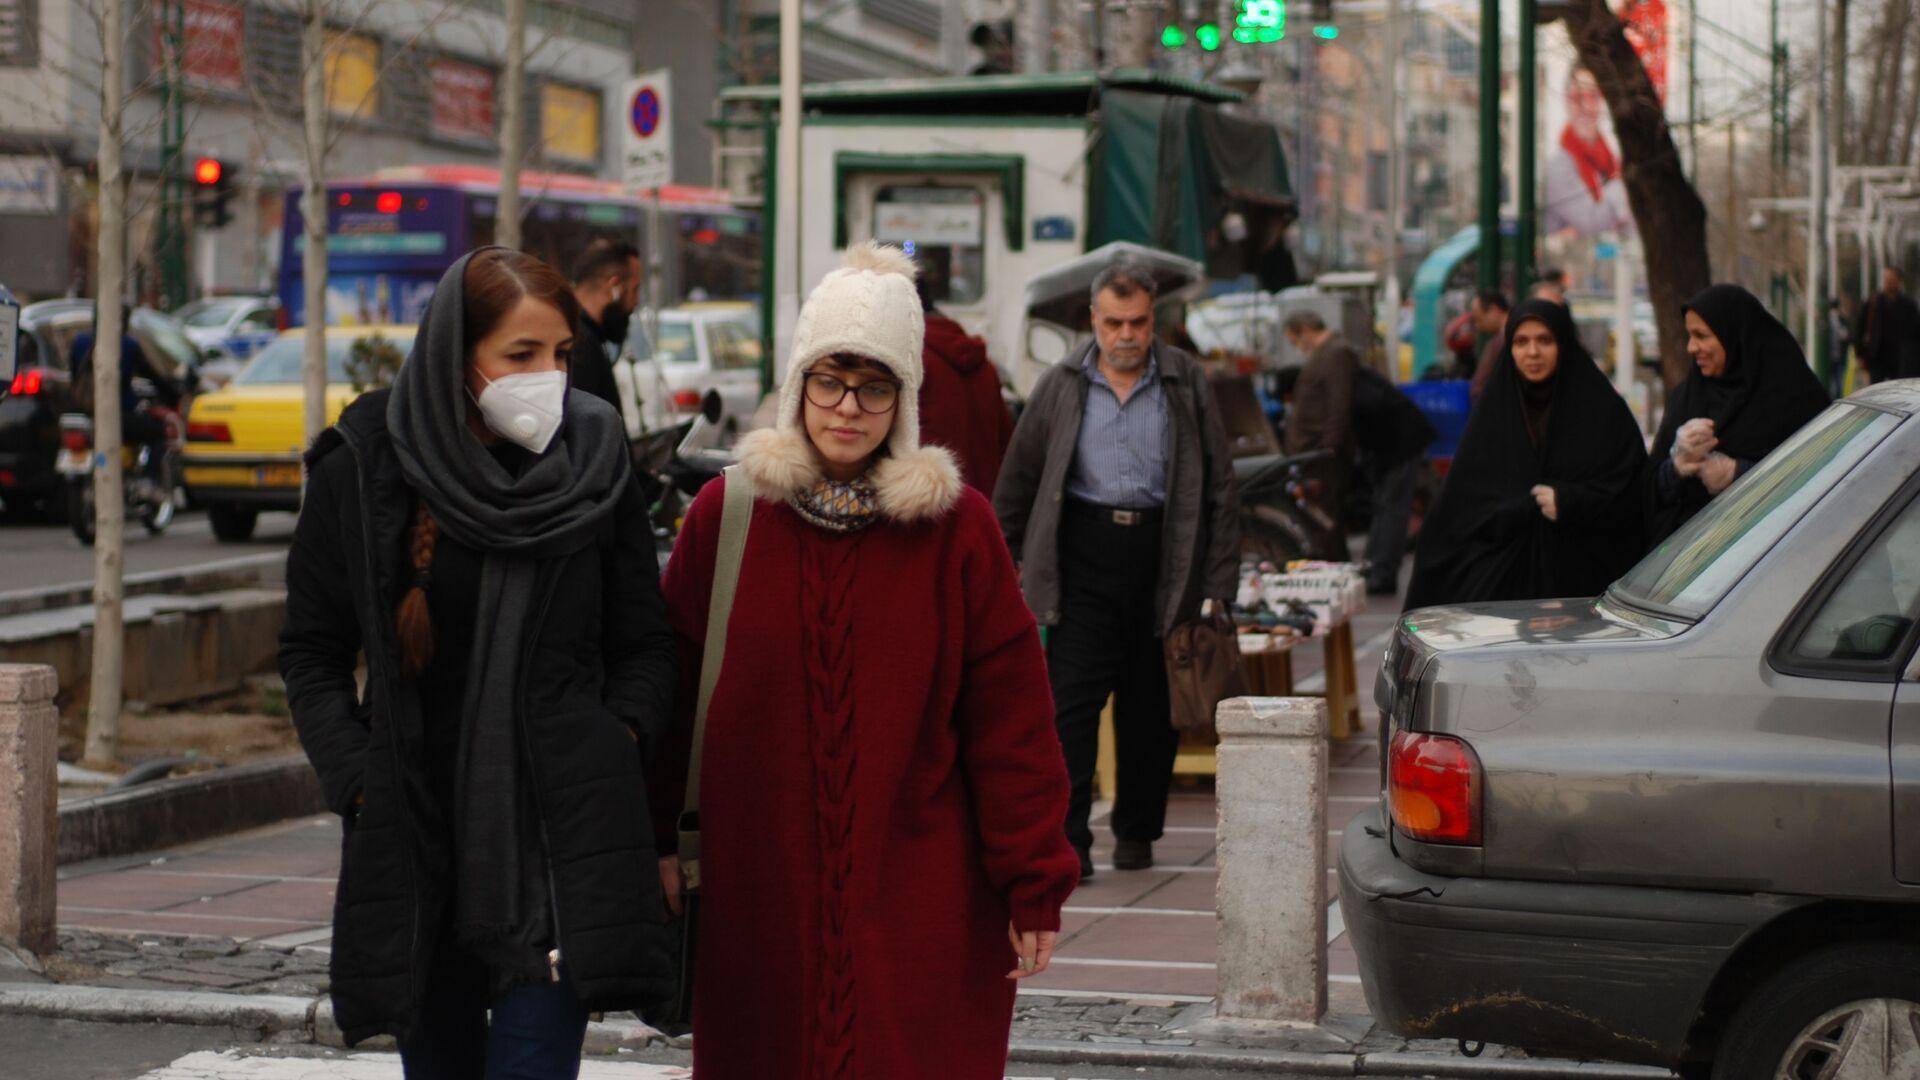 Gli abitanti di Teheran in mascherine - Sputnik Italia, 1920, 26.09.2021